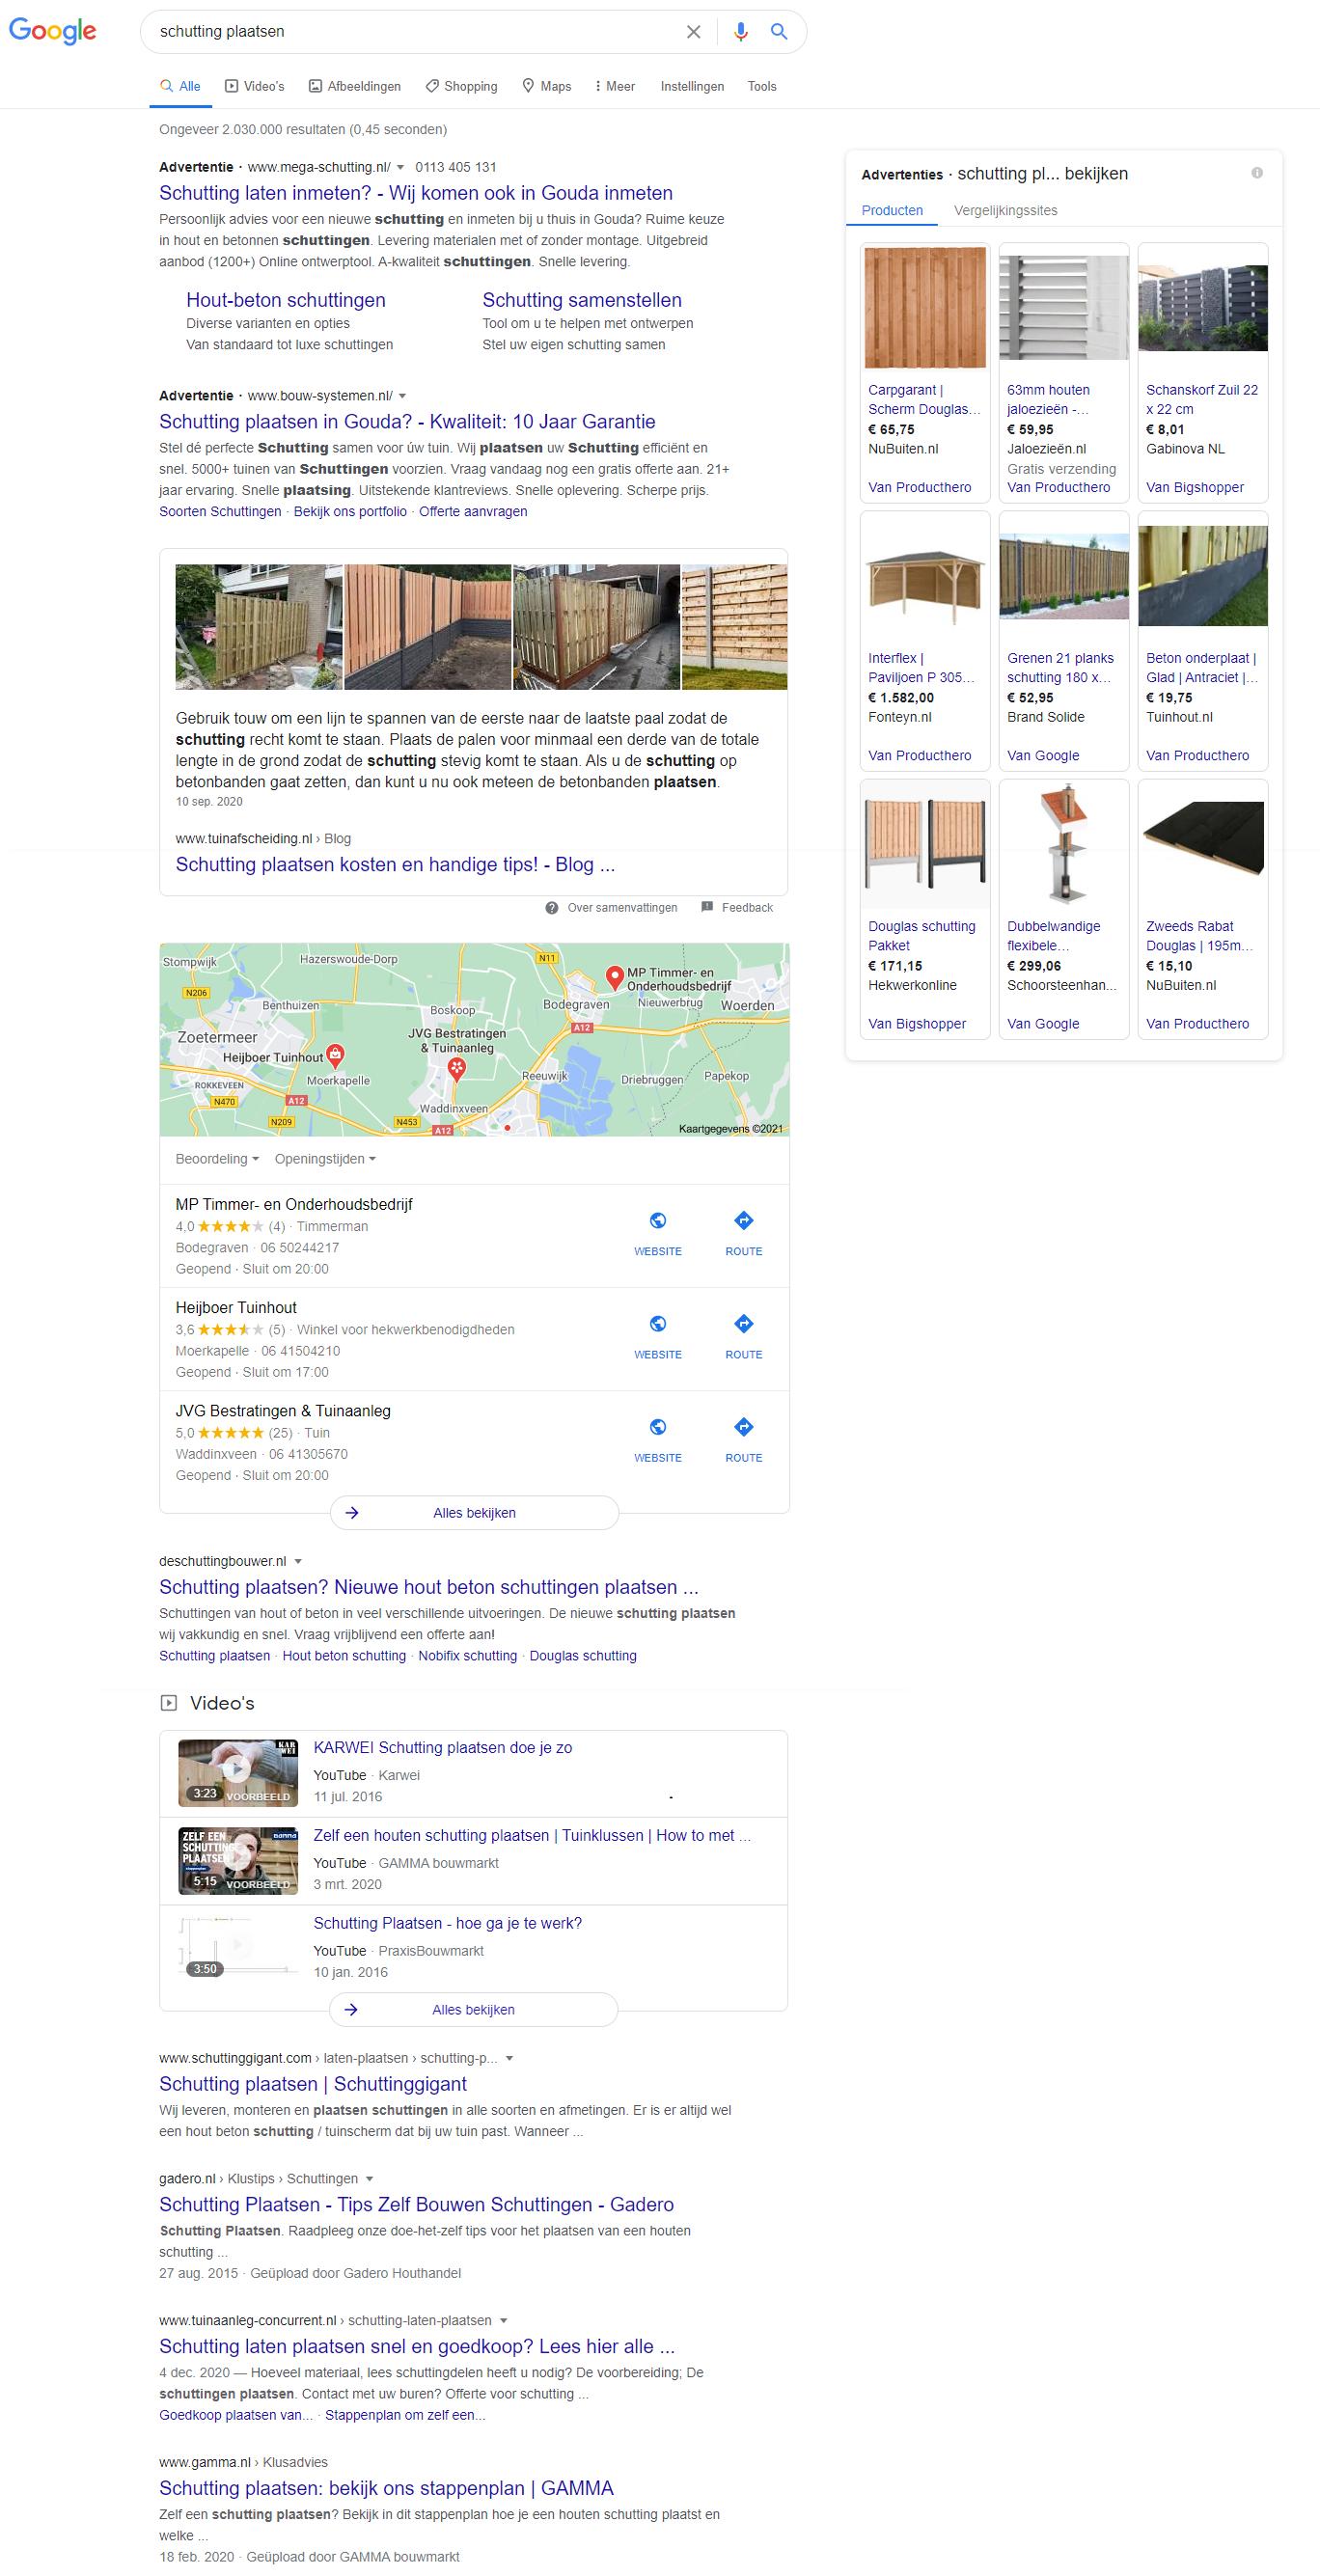 screenshot van SERP voor zoekterm [schutting plaatsen]